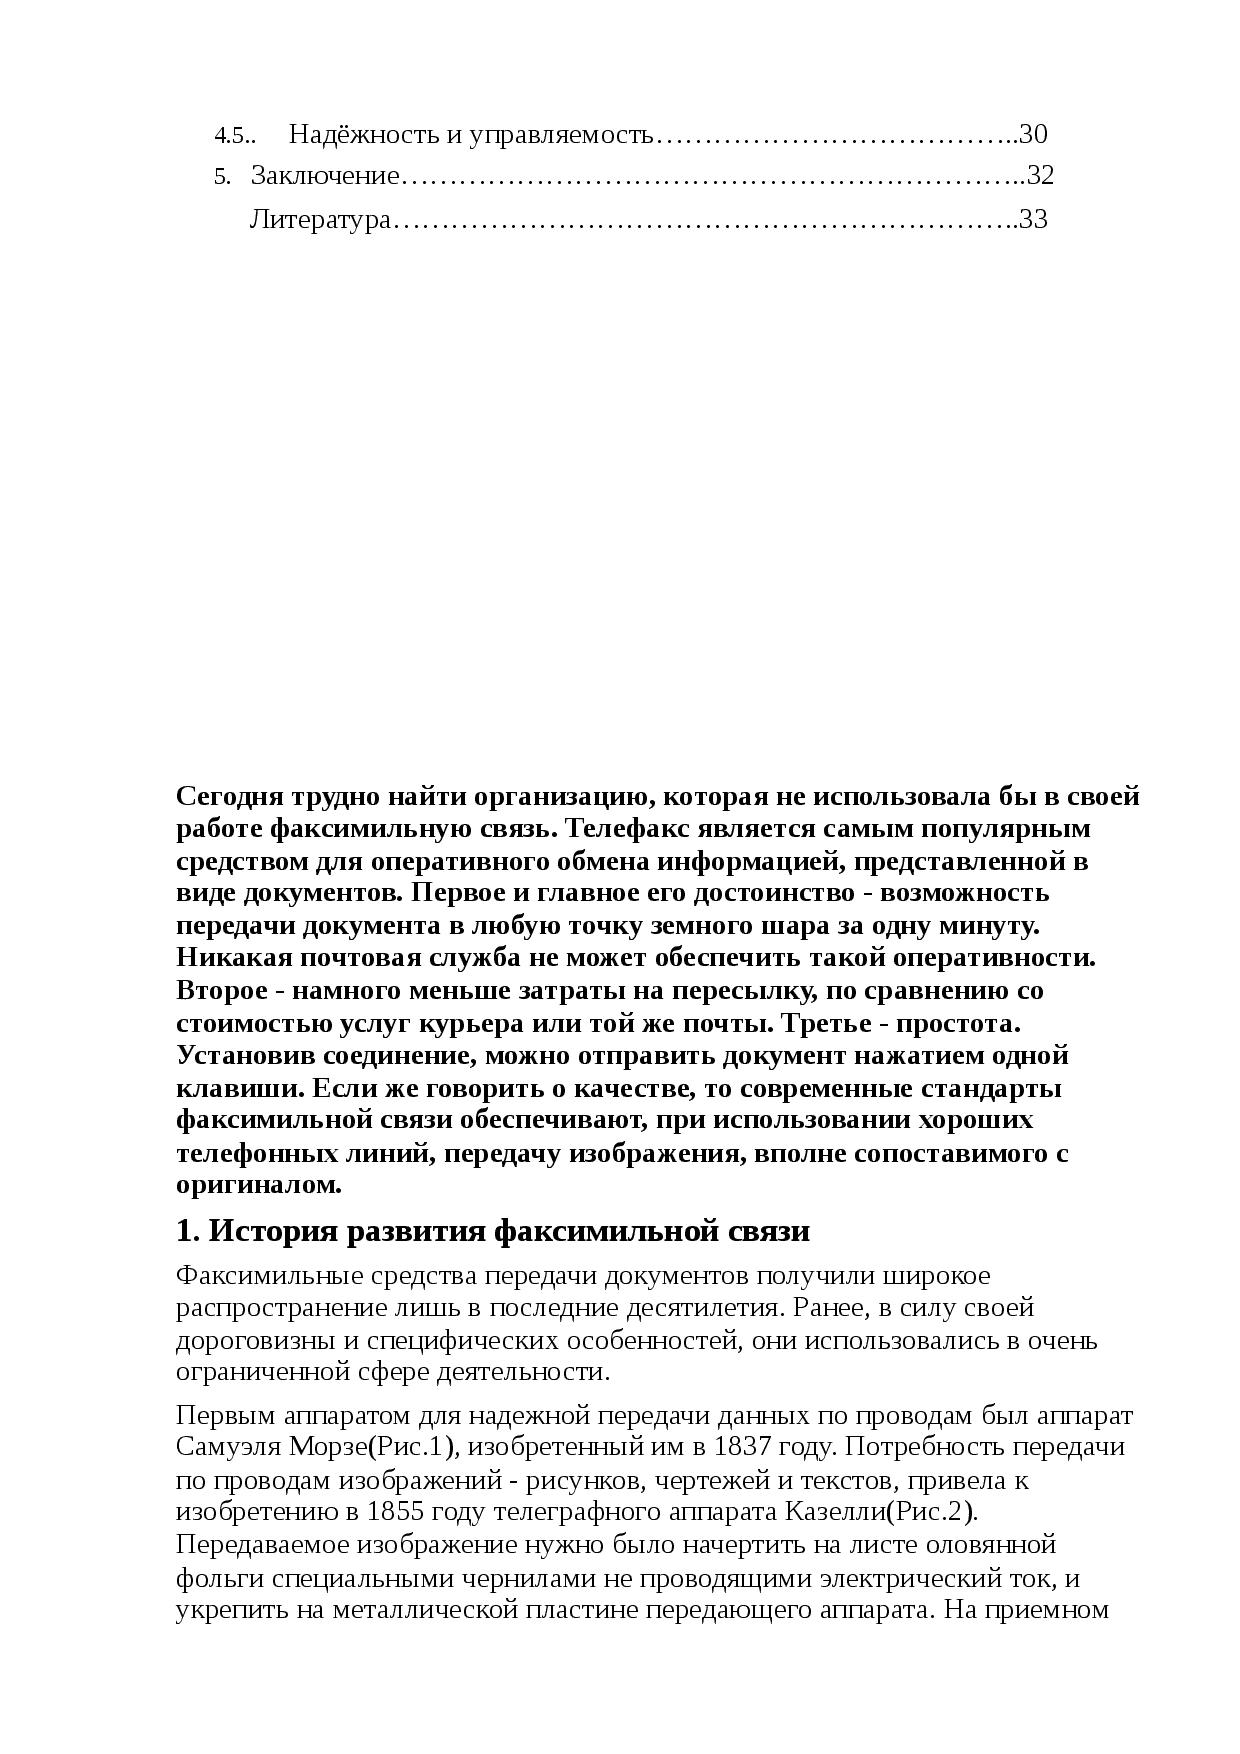 Факсимильная связь